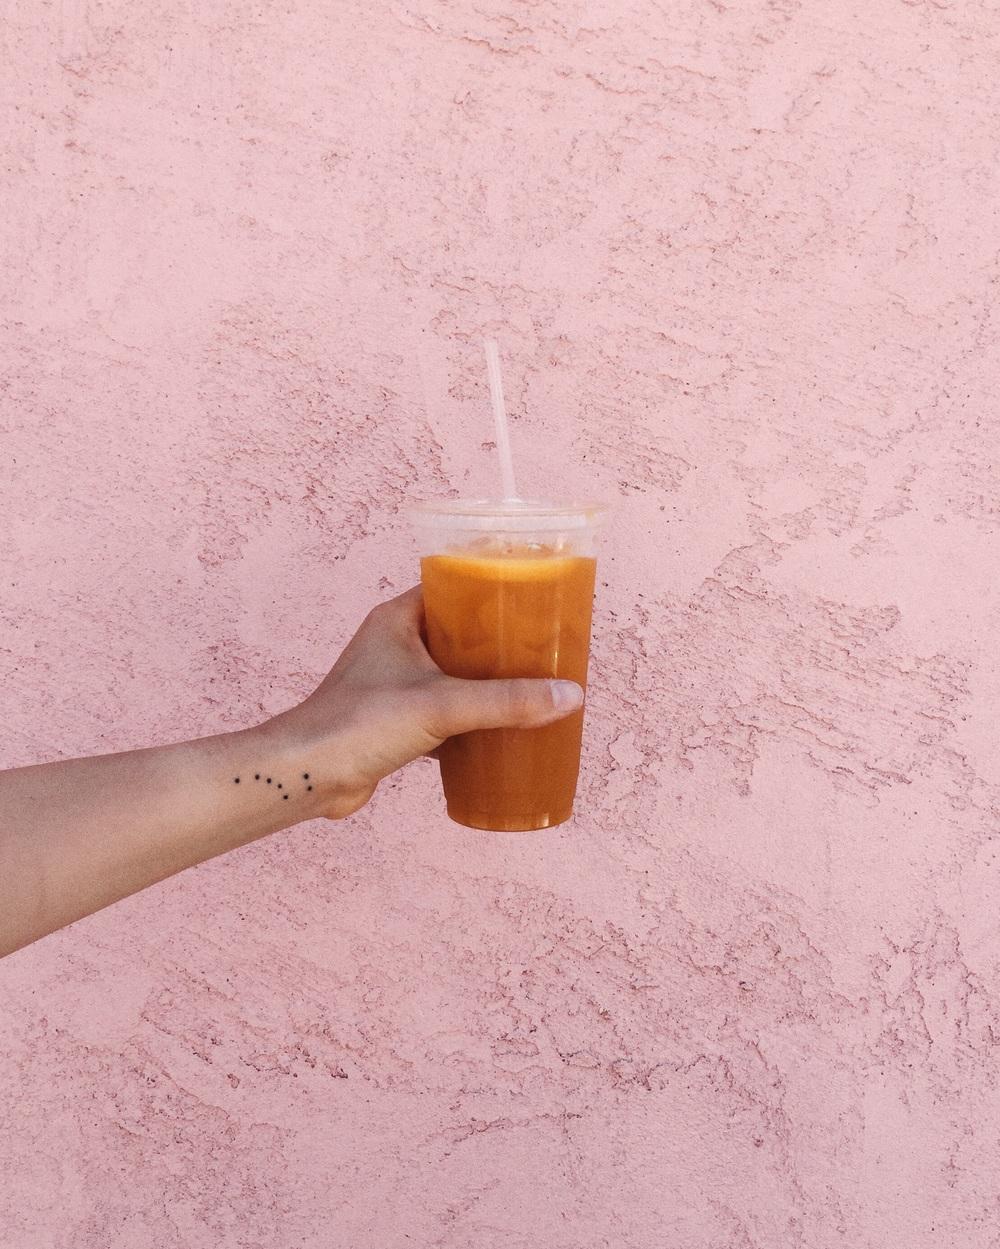 San Rafael juice stop, September '15